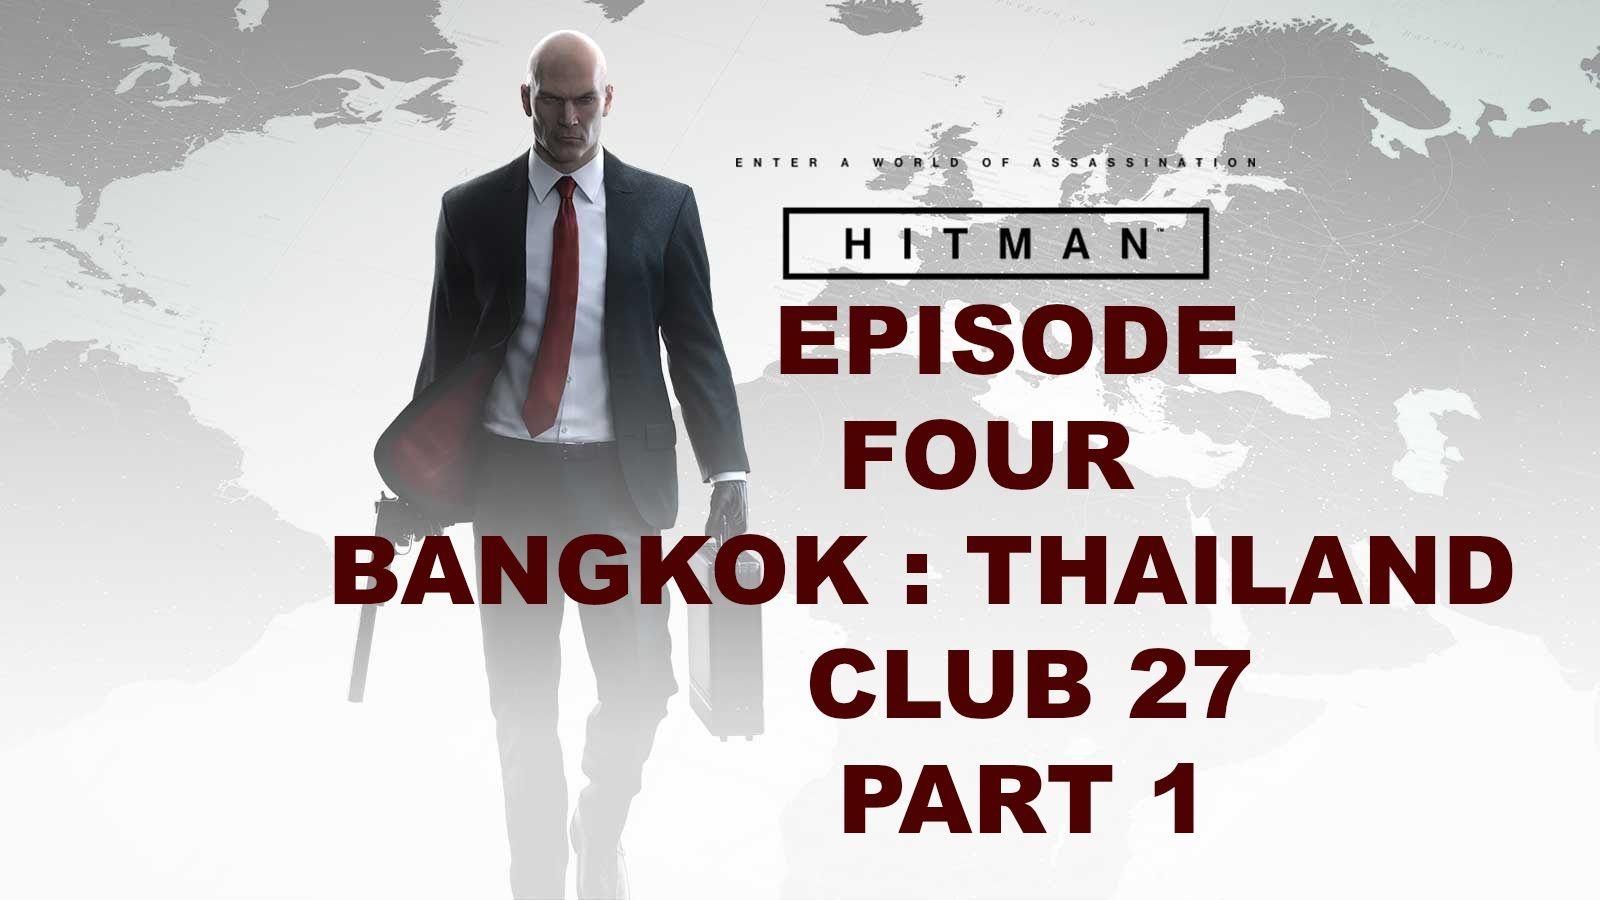 Hitman Gameplay Ps4 Episode 4 Bangkok Part 1 Club 27